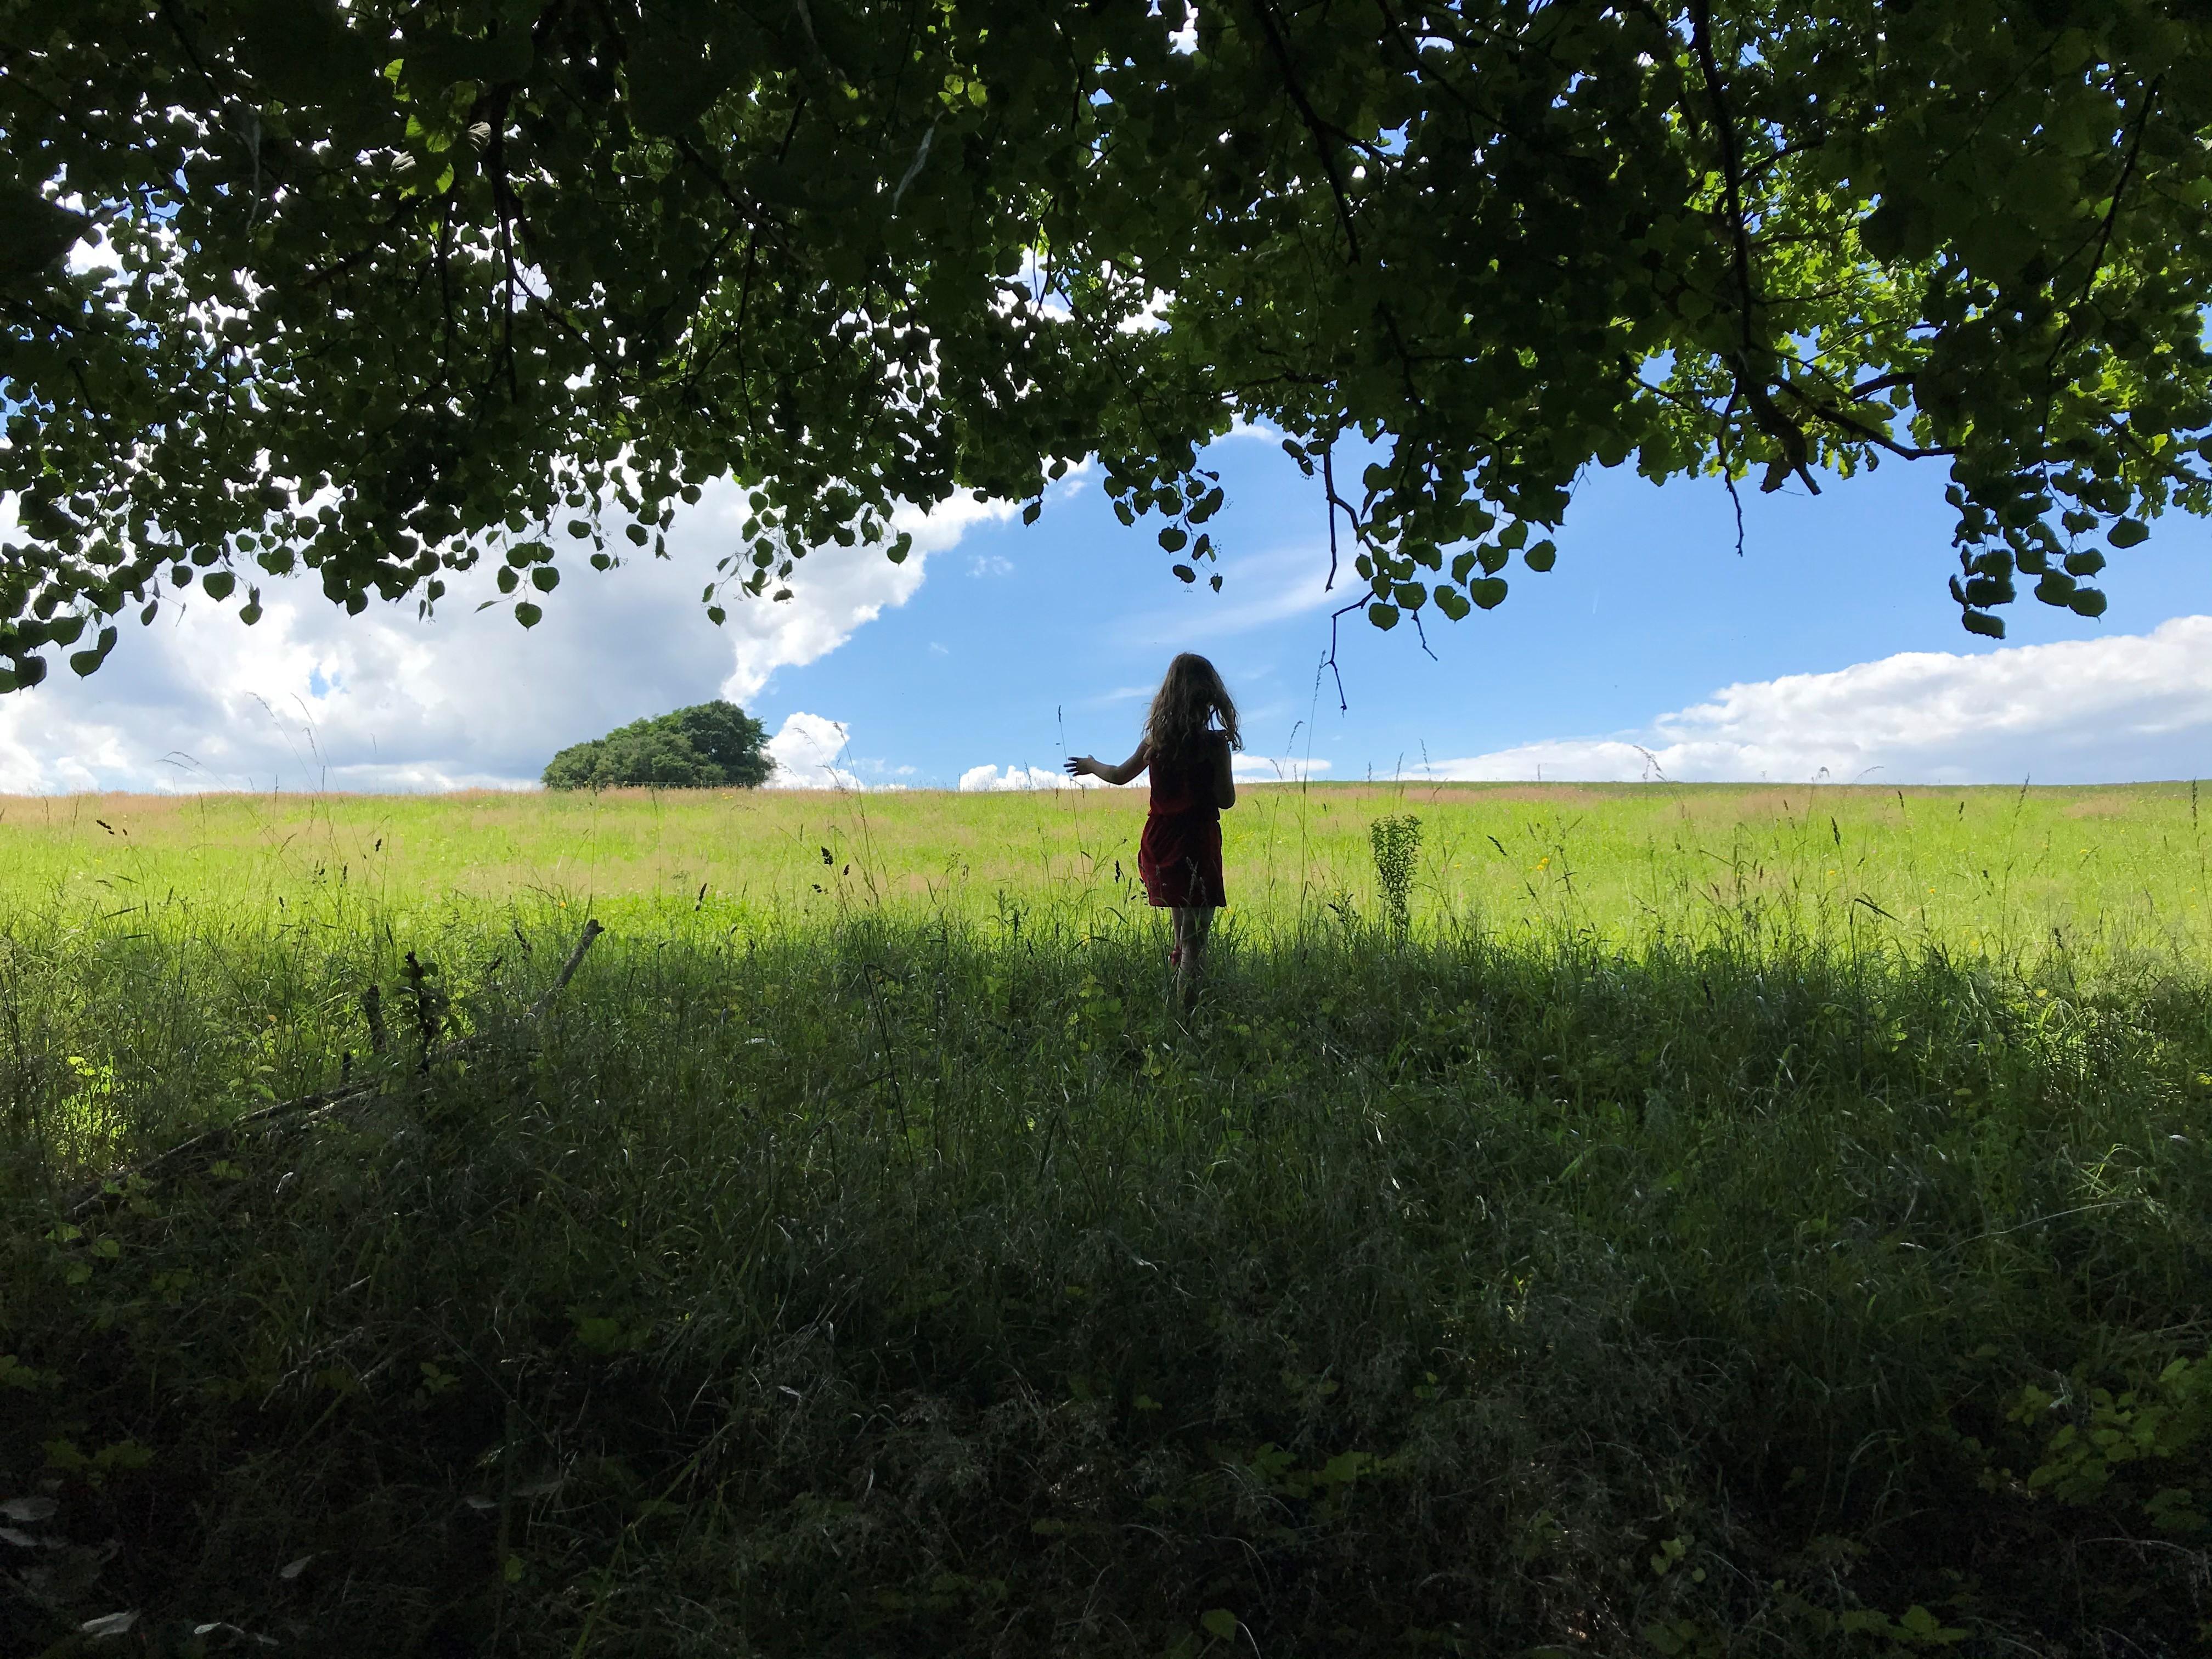 bosou nohou v trave